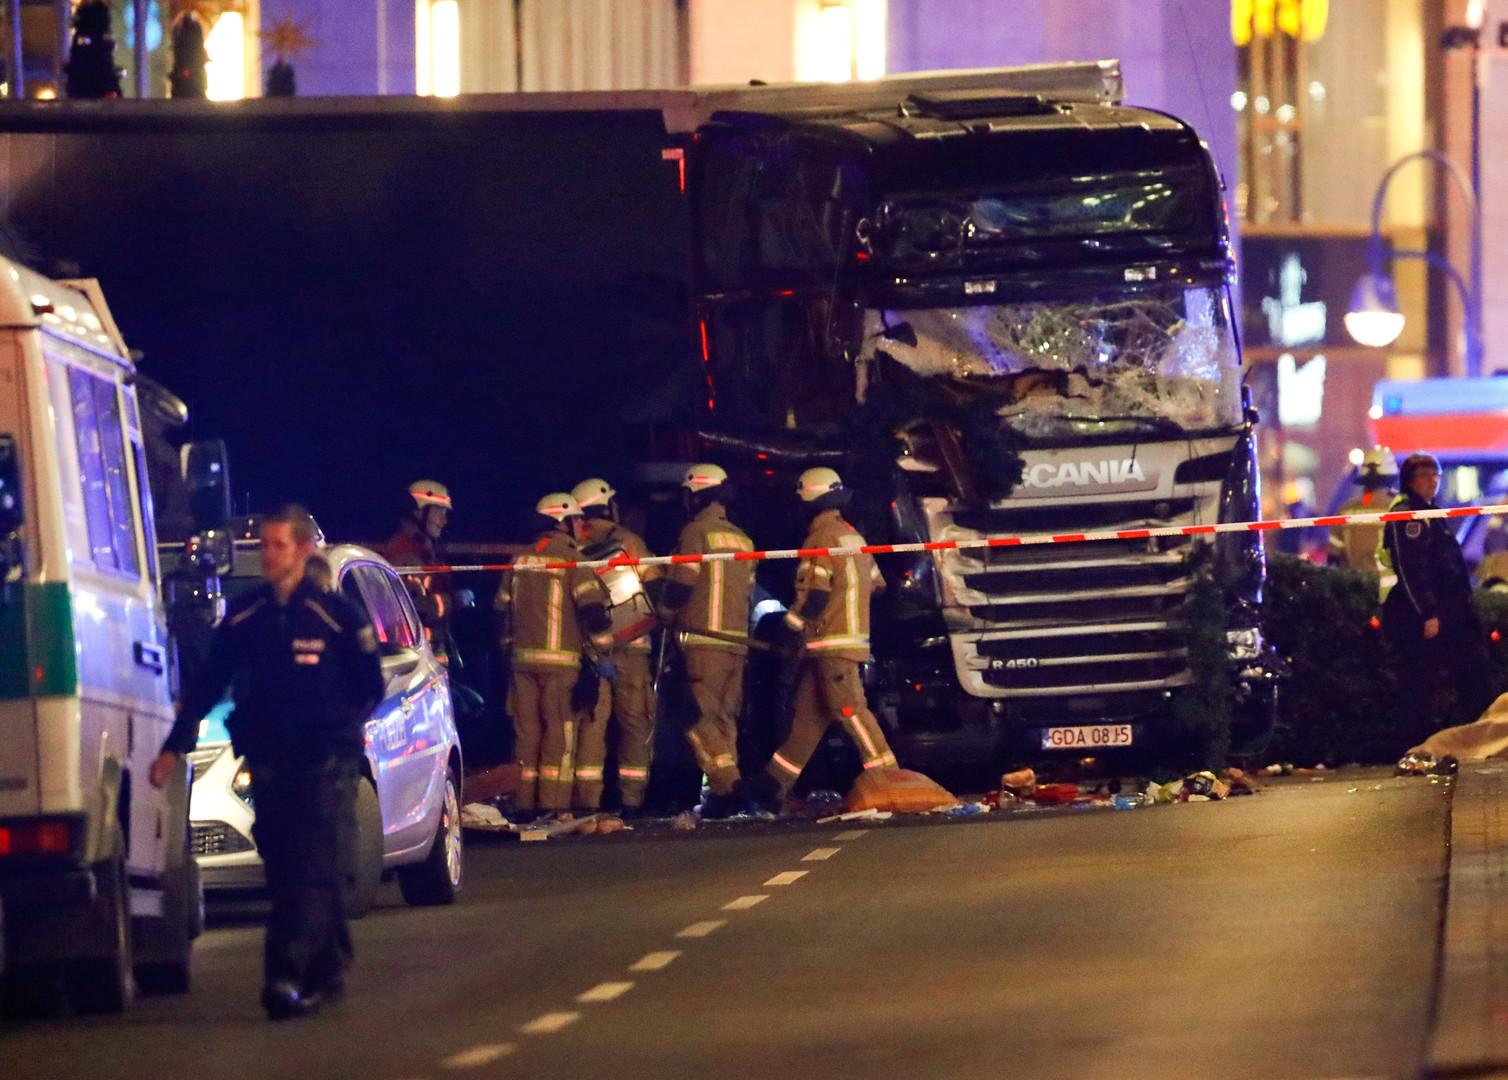 Атаку наярмарку вБерлине мог выполнить беженец наугнанном грузовике